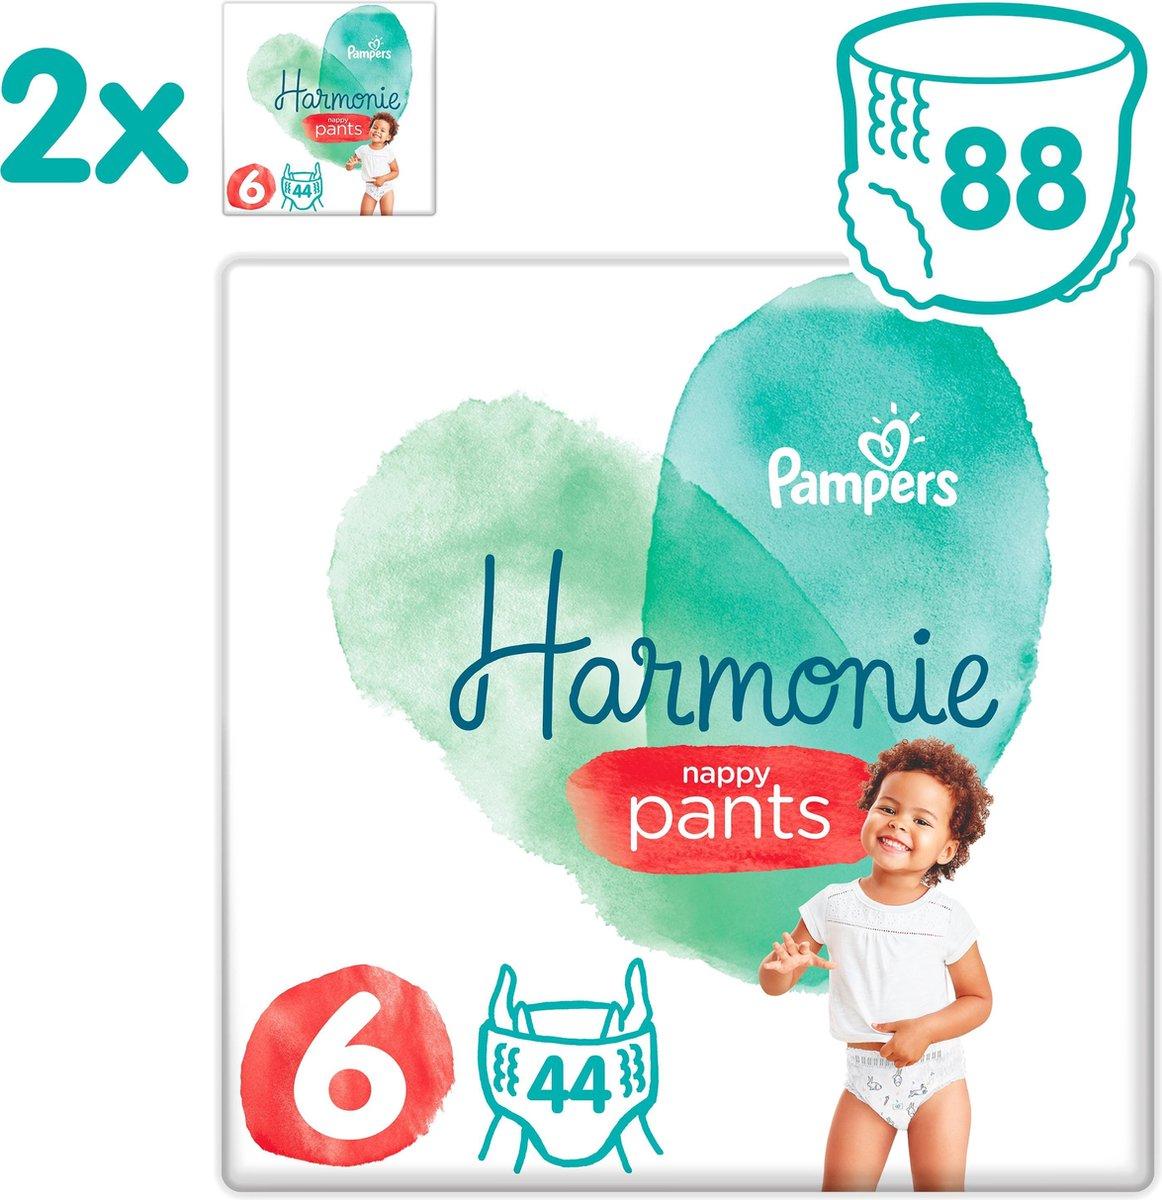 Pampers Harmonie / Pure Nappy Pants Maat 6 (15kg+) 88 Luierbroekjes